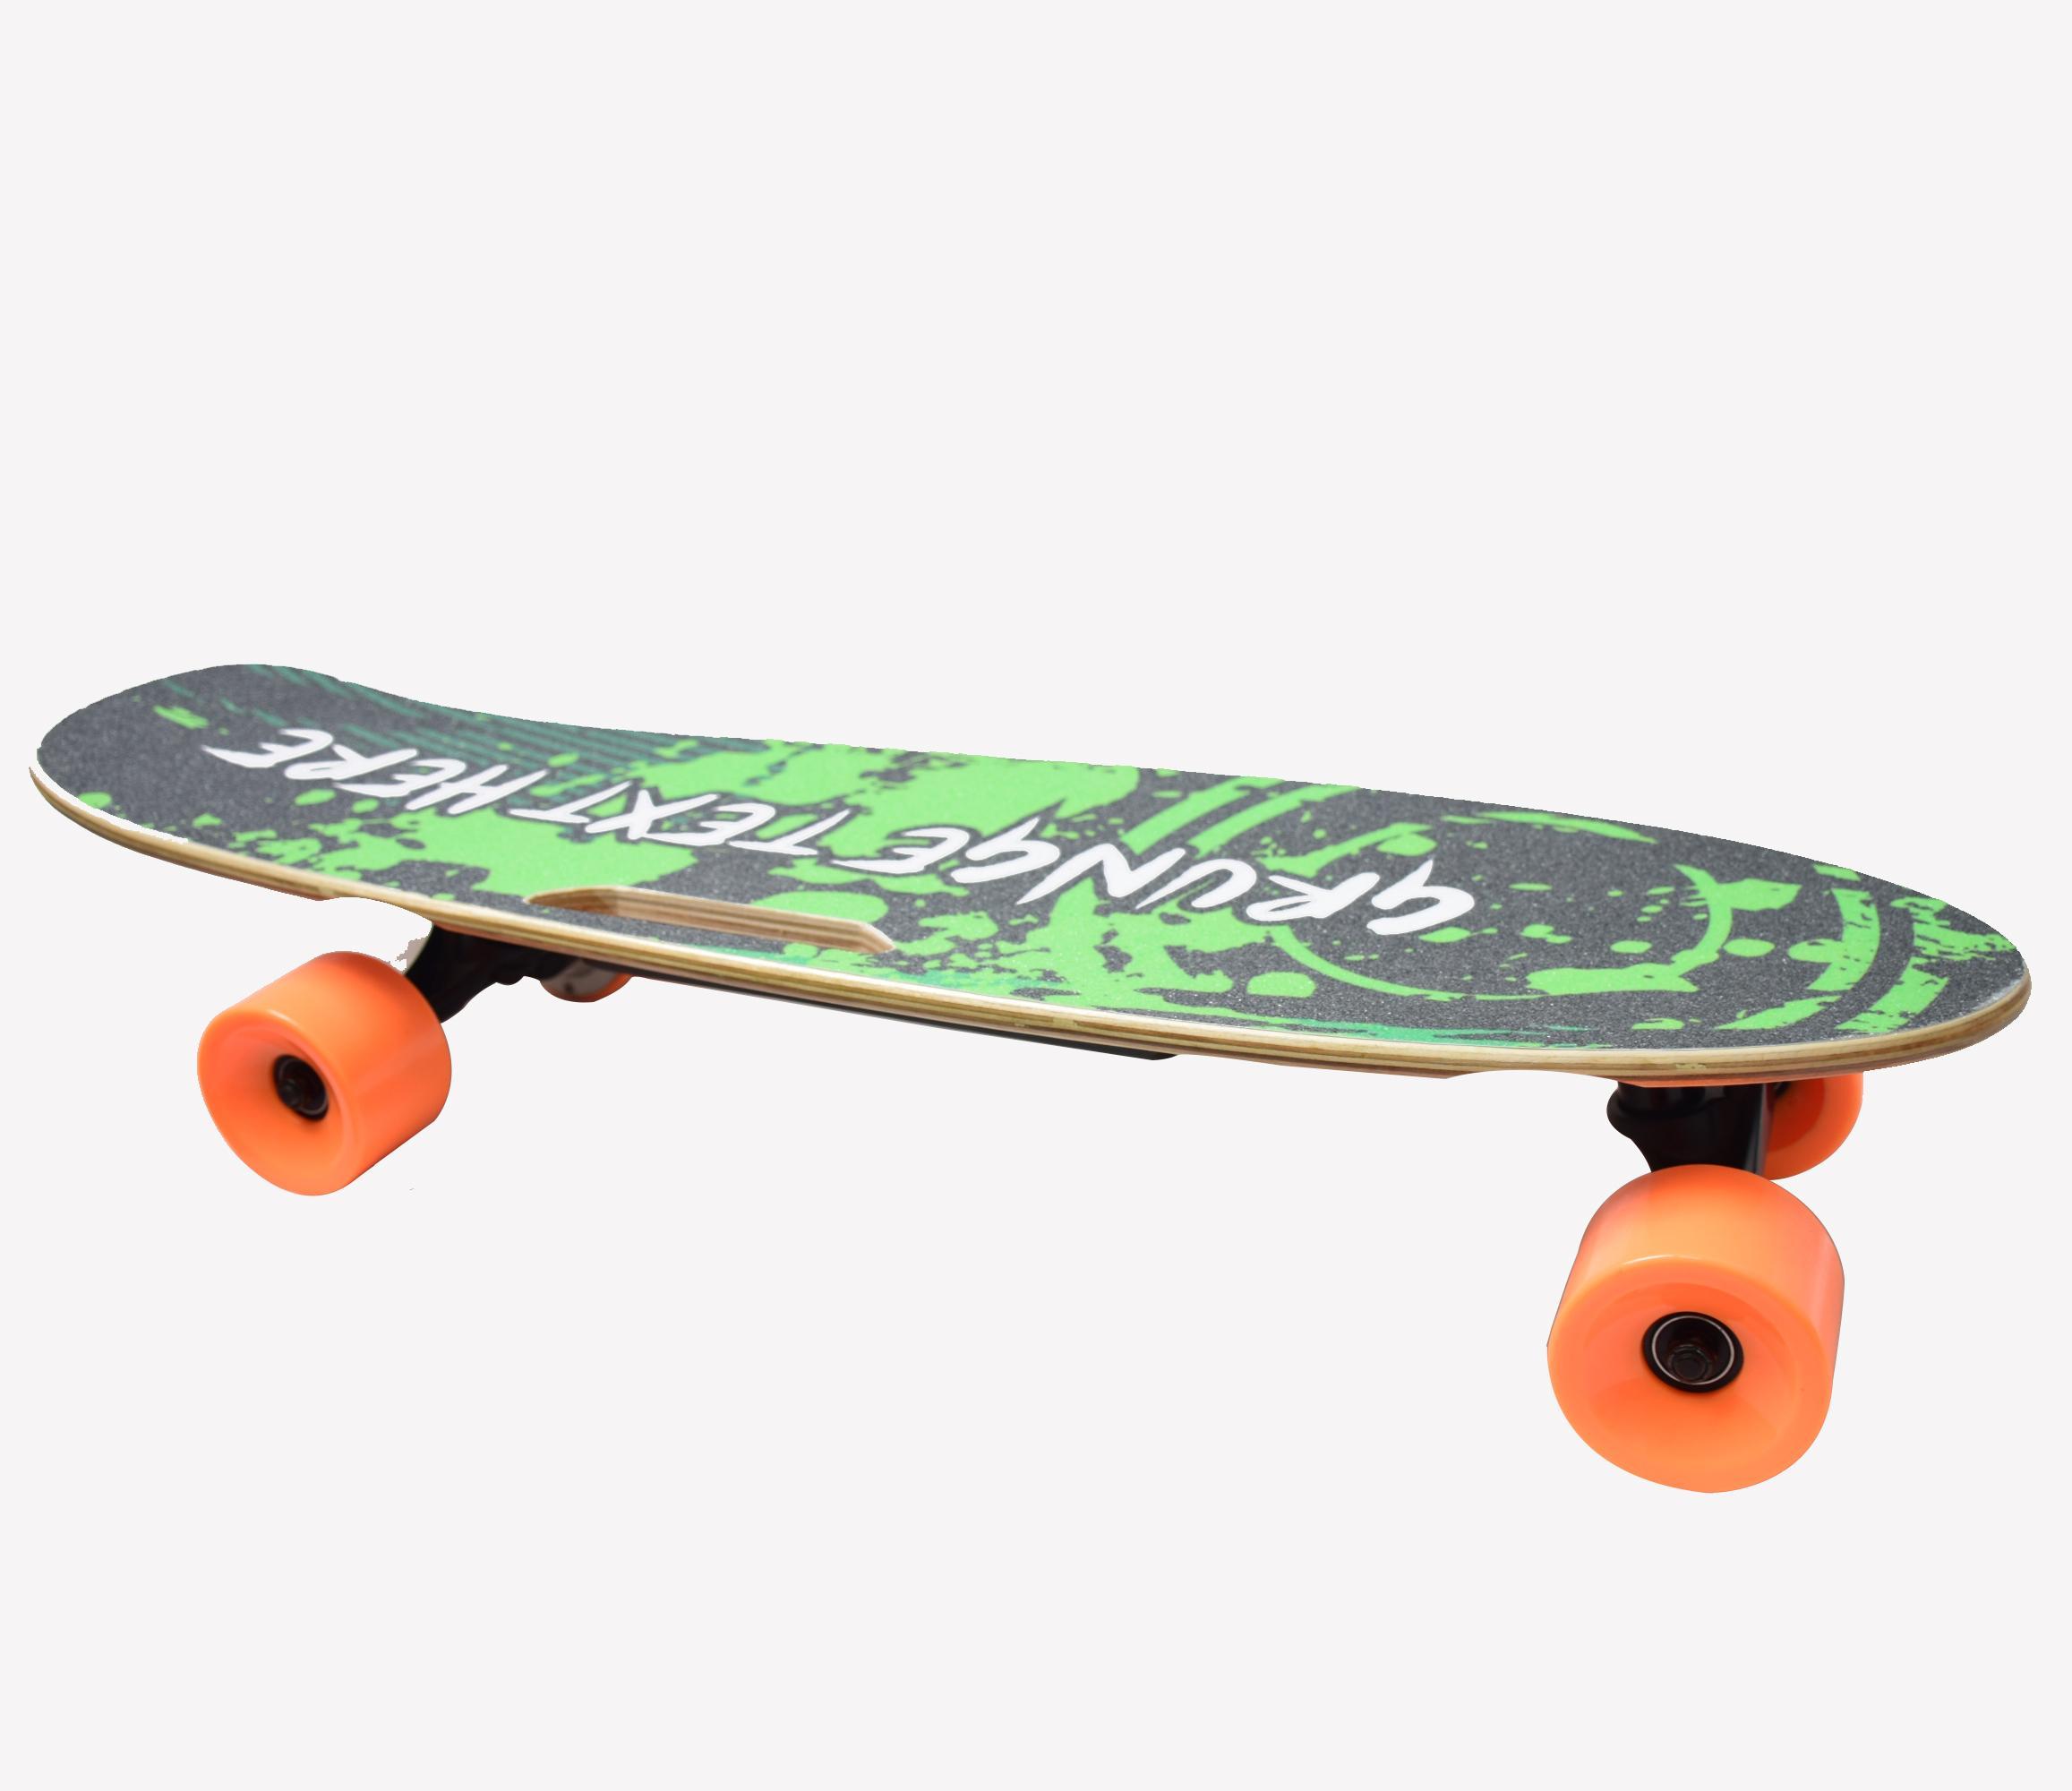 [UE INSTOCK] HT-S1 Smart Skateboard 4 ruote Longboard elettrico Bicicletta 300W 2 Doppio motore 24V 4.4Ah con telecomando digitale 2.4G Alta qualità